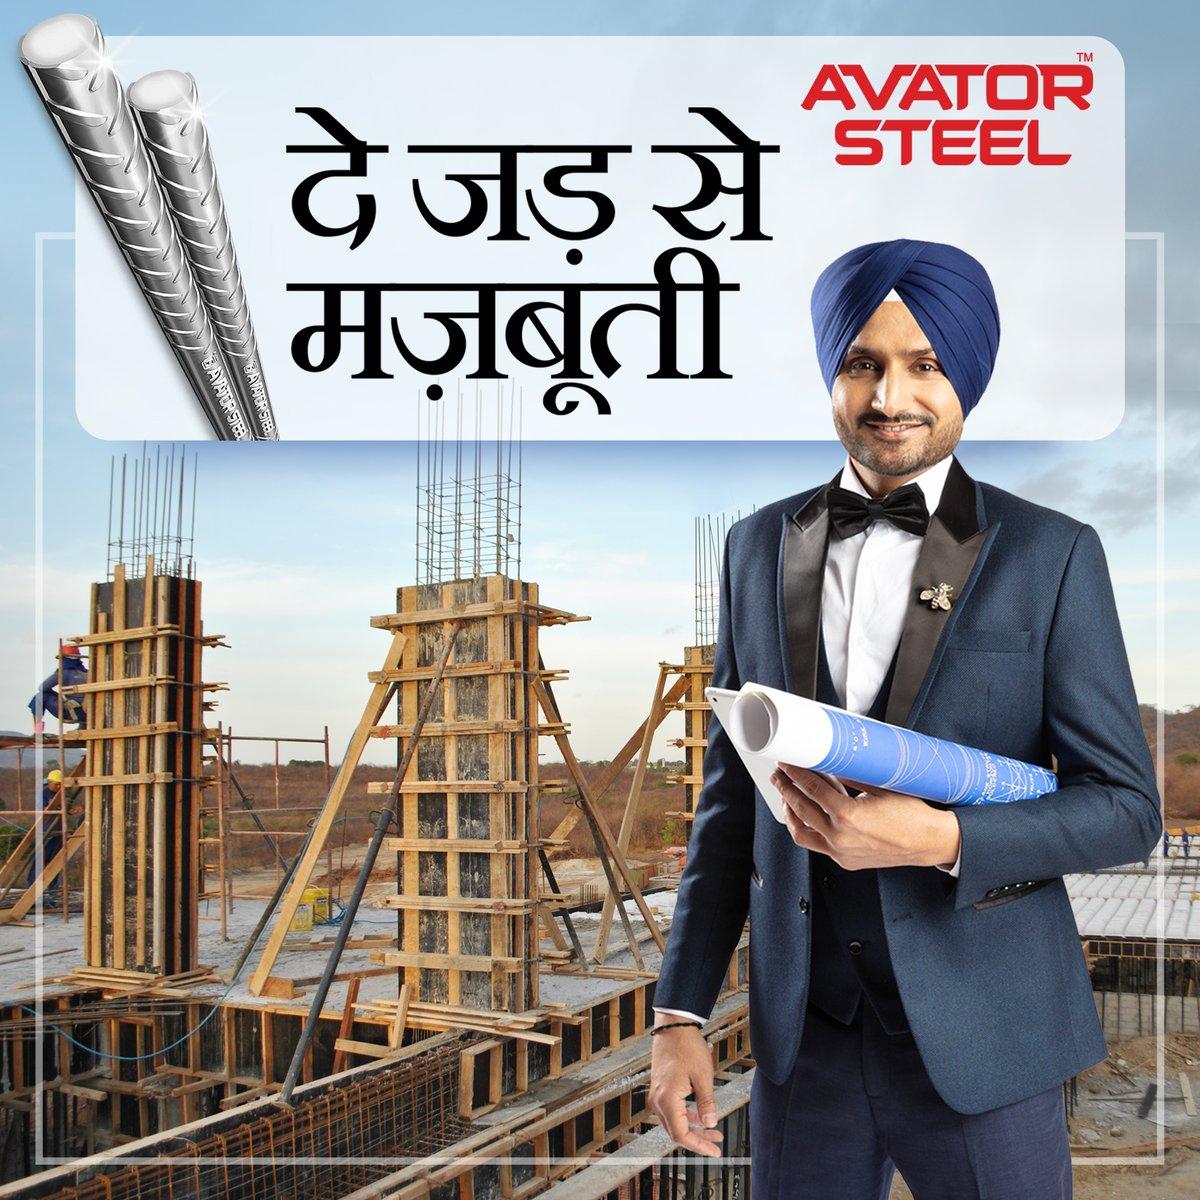 घर टिके सालों-साल जब घर हो जड़ से मज़बूत। #AvatorSteel बनाये आपके घर को भीतर से शक्तिशाली।  #HarbhajanSingh #RustProof #EarthquakeProof  @harbhajan_singh